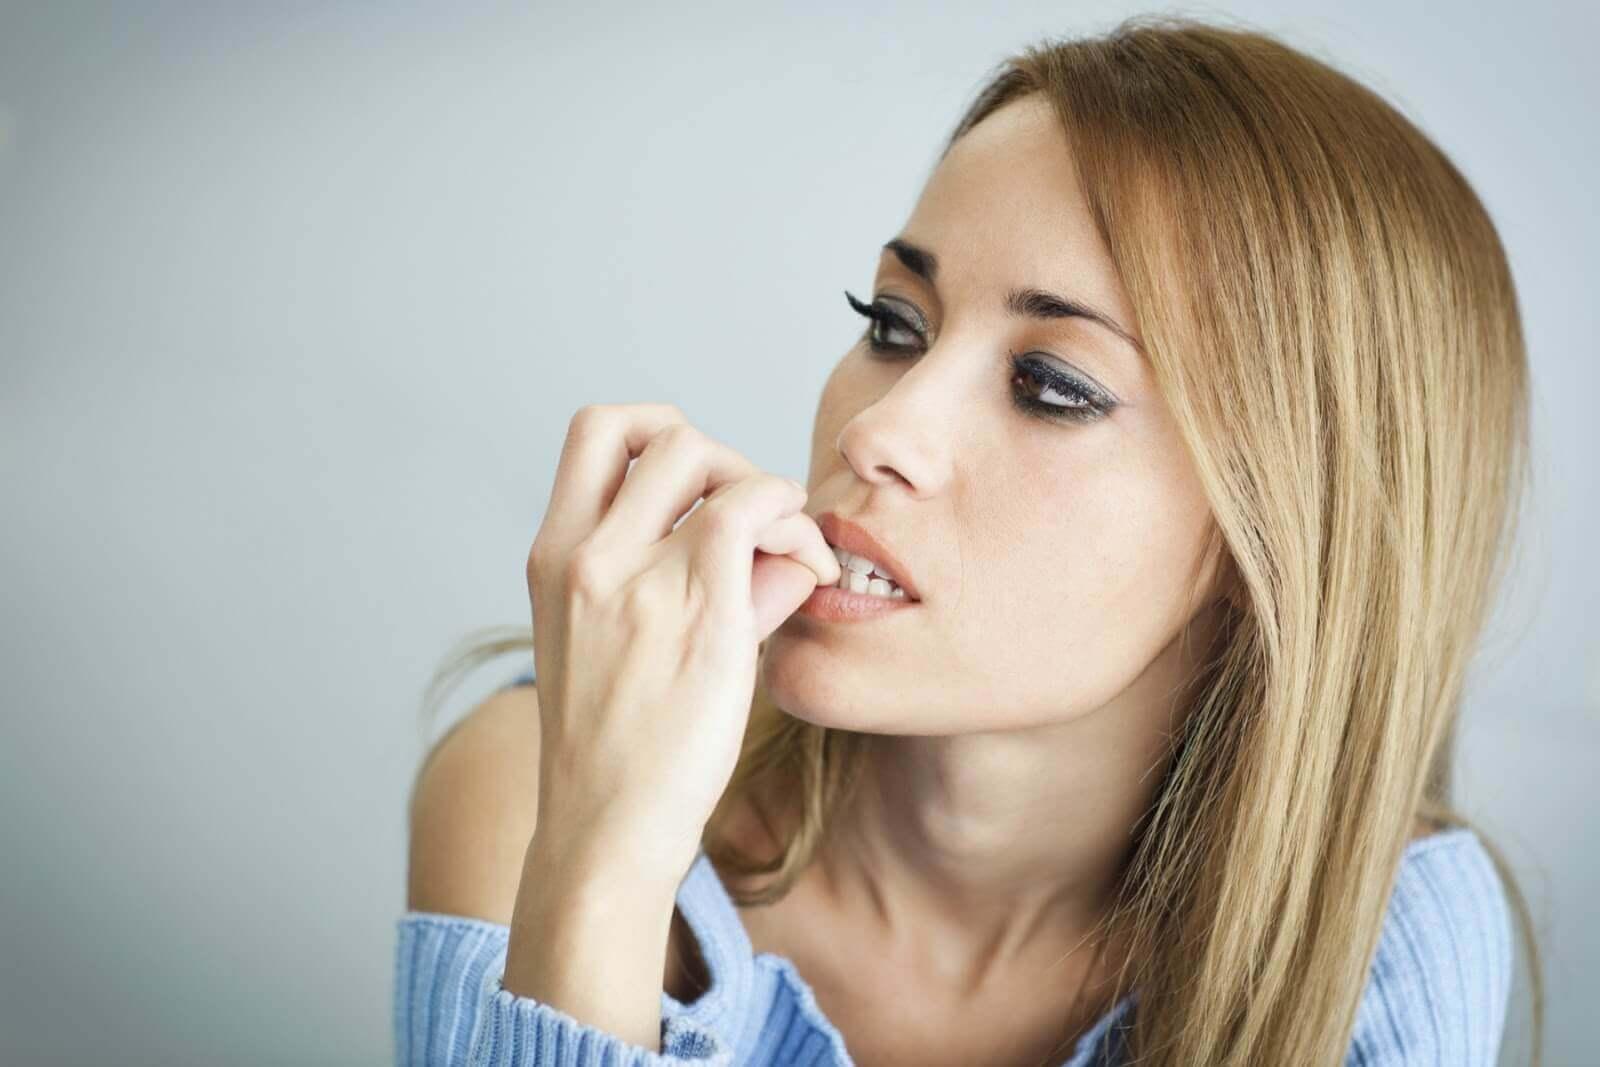 심계항진을 느끼게 되는 흔하지 않은 이유 6가지